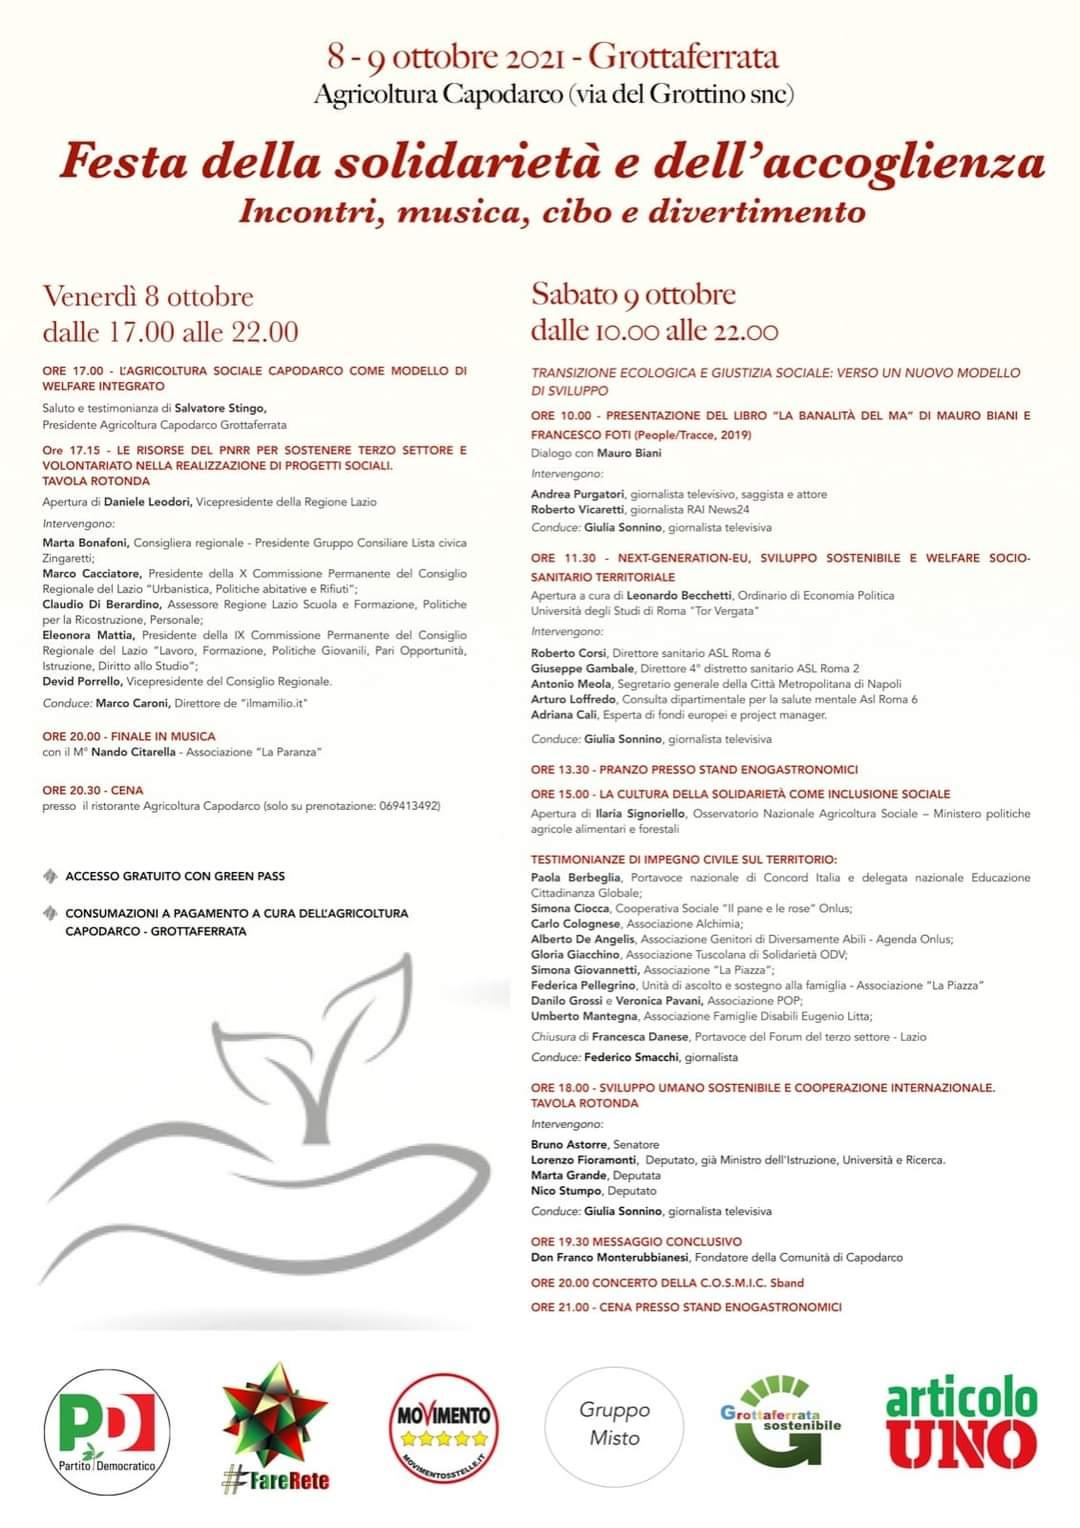 Grottaferrata, 8 e 9 ottobre Festa della solidarietà e dell'accoglienza